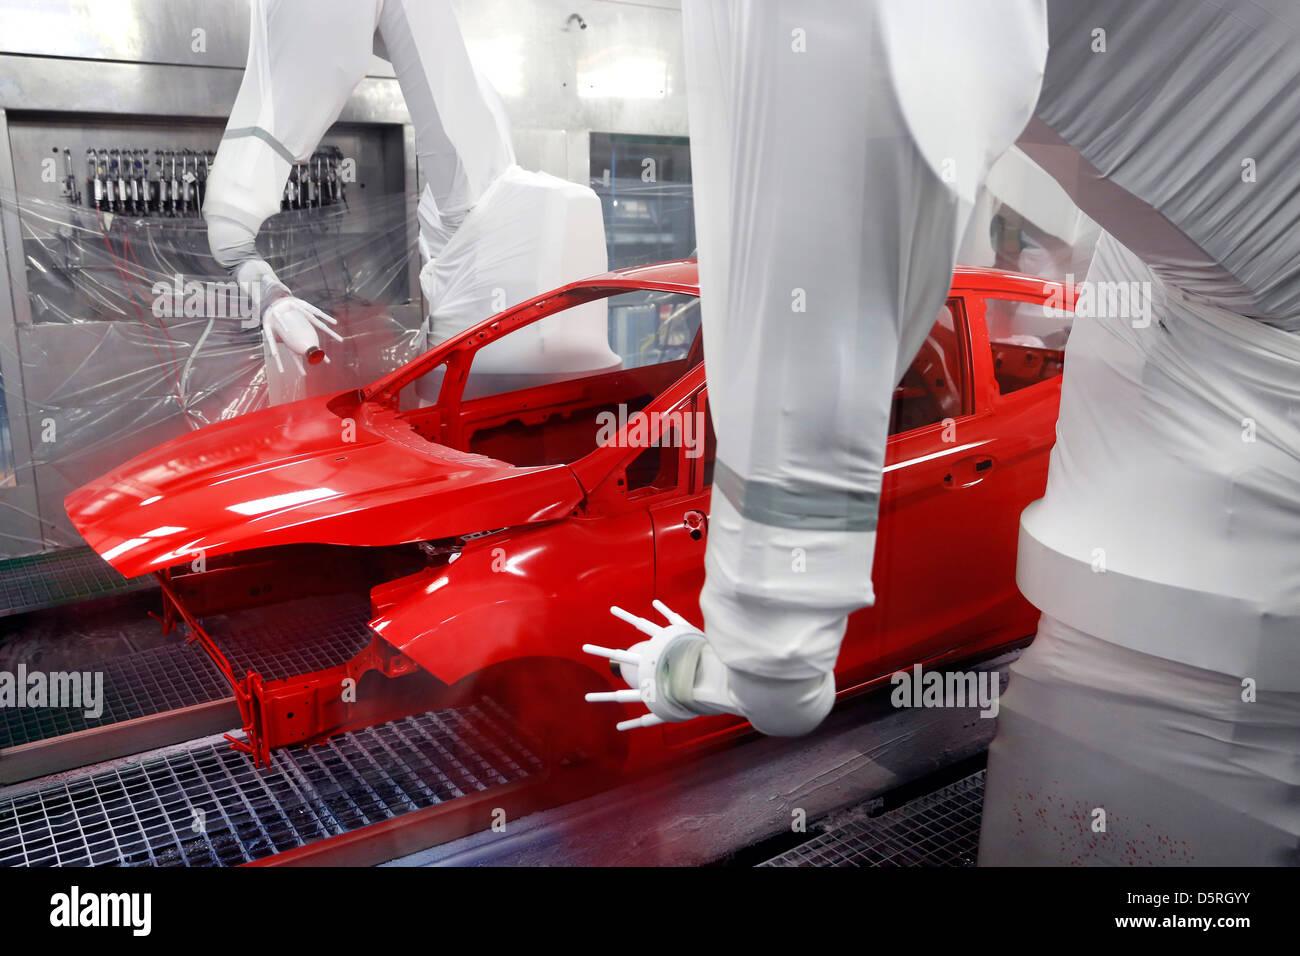 Ford Fiesta la producción en la línea de montaje, la planta de Colonia, Alemania Imagen De Stock